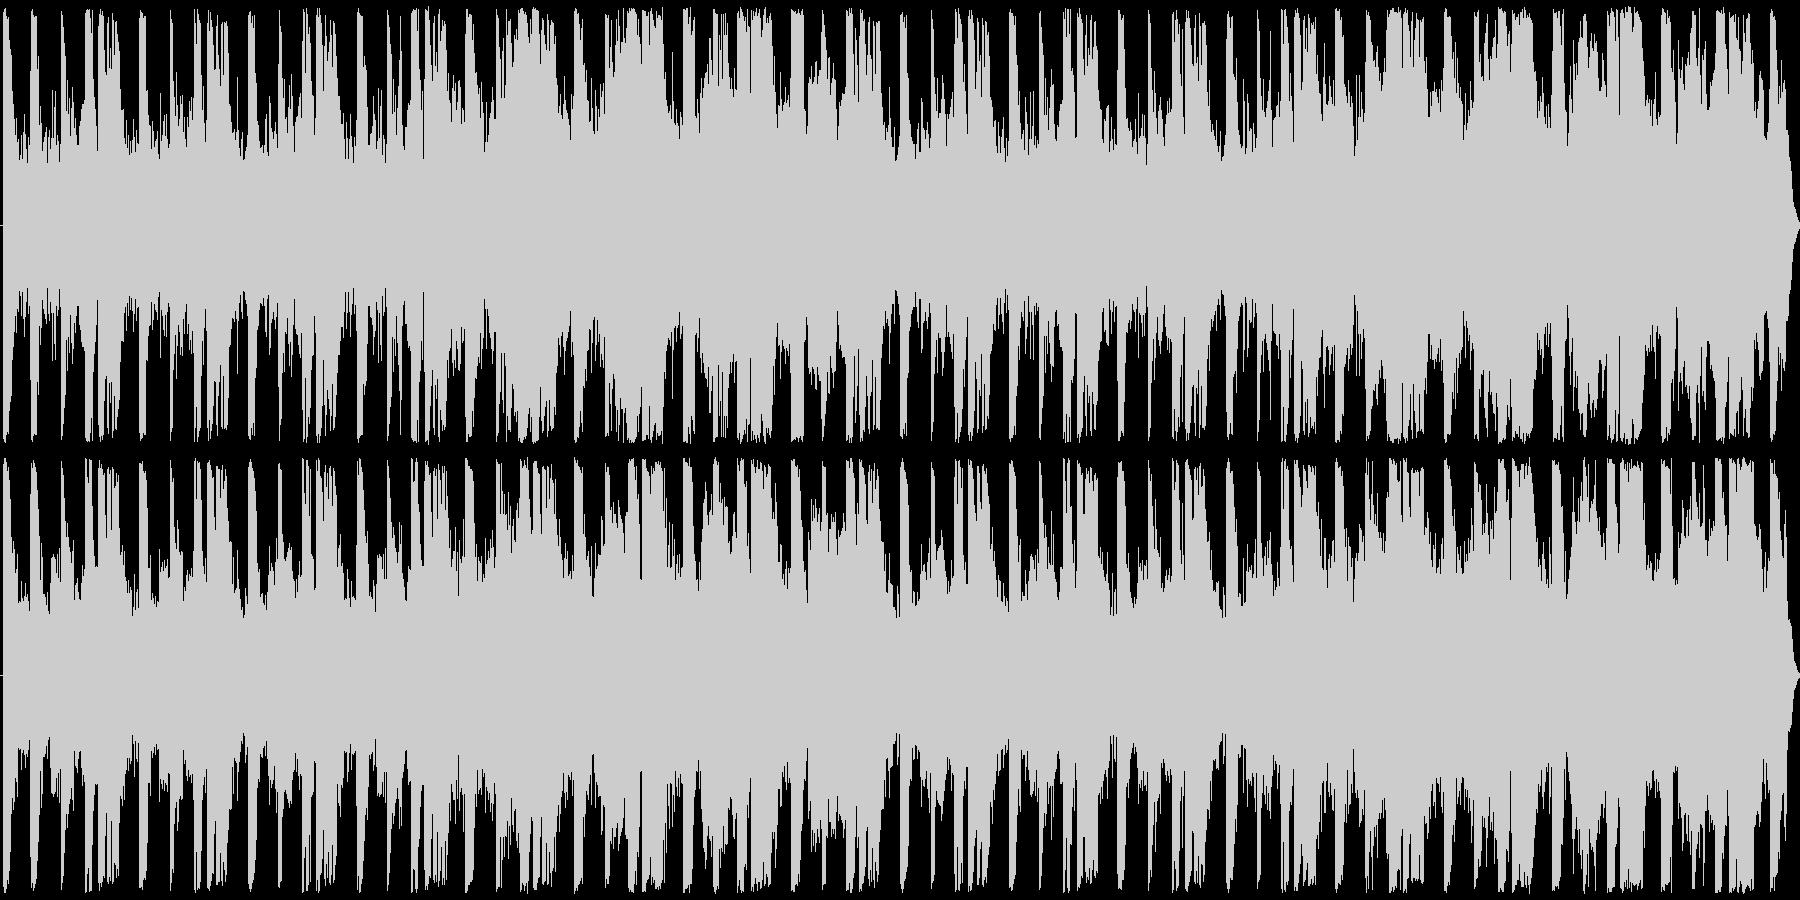 オープニングBGM_ドラマサントラ風の未再生の波形